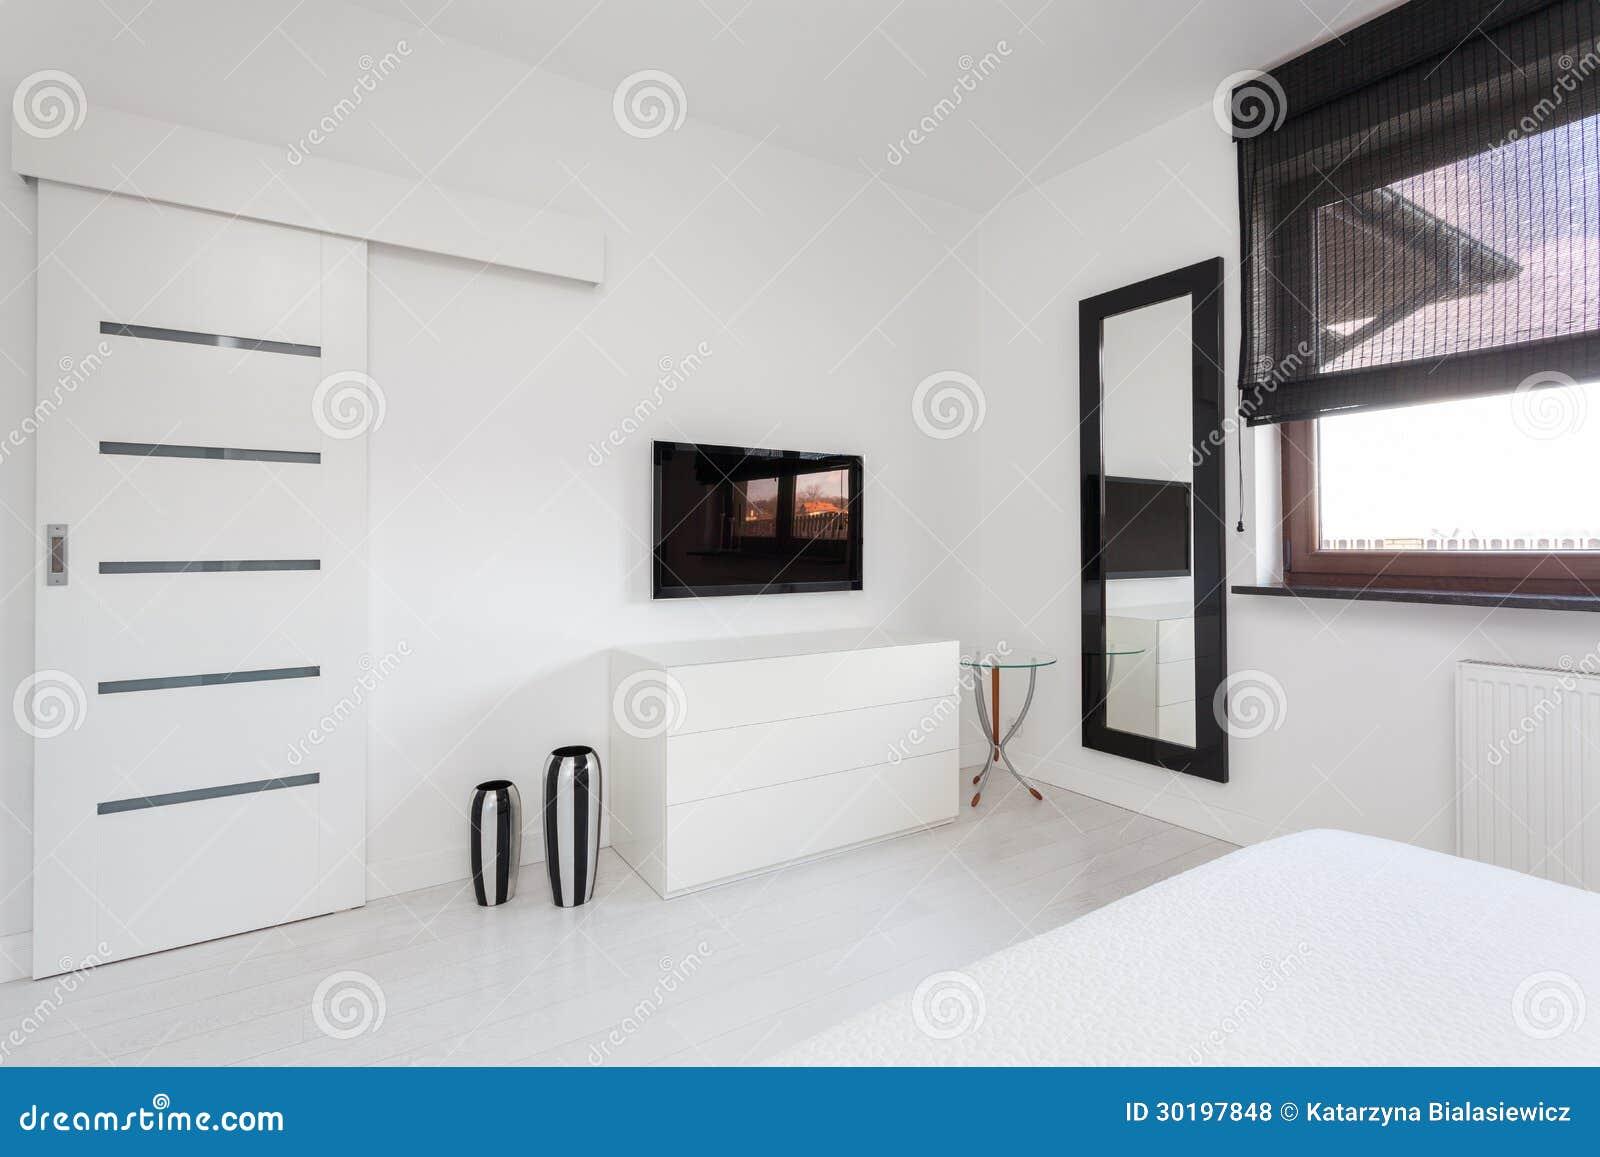 充满活力的村庄-卧室家具